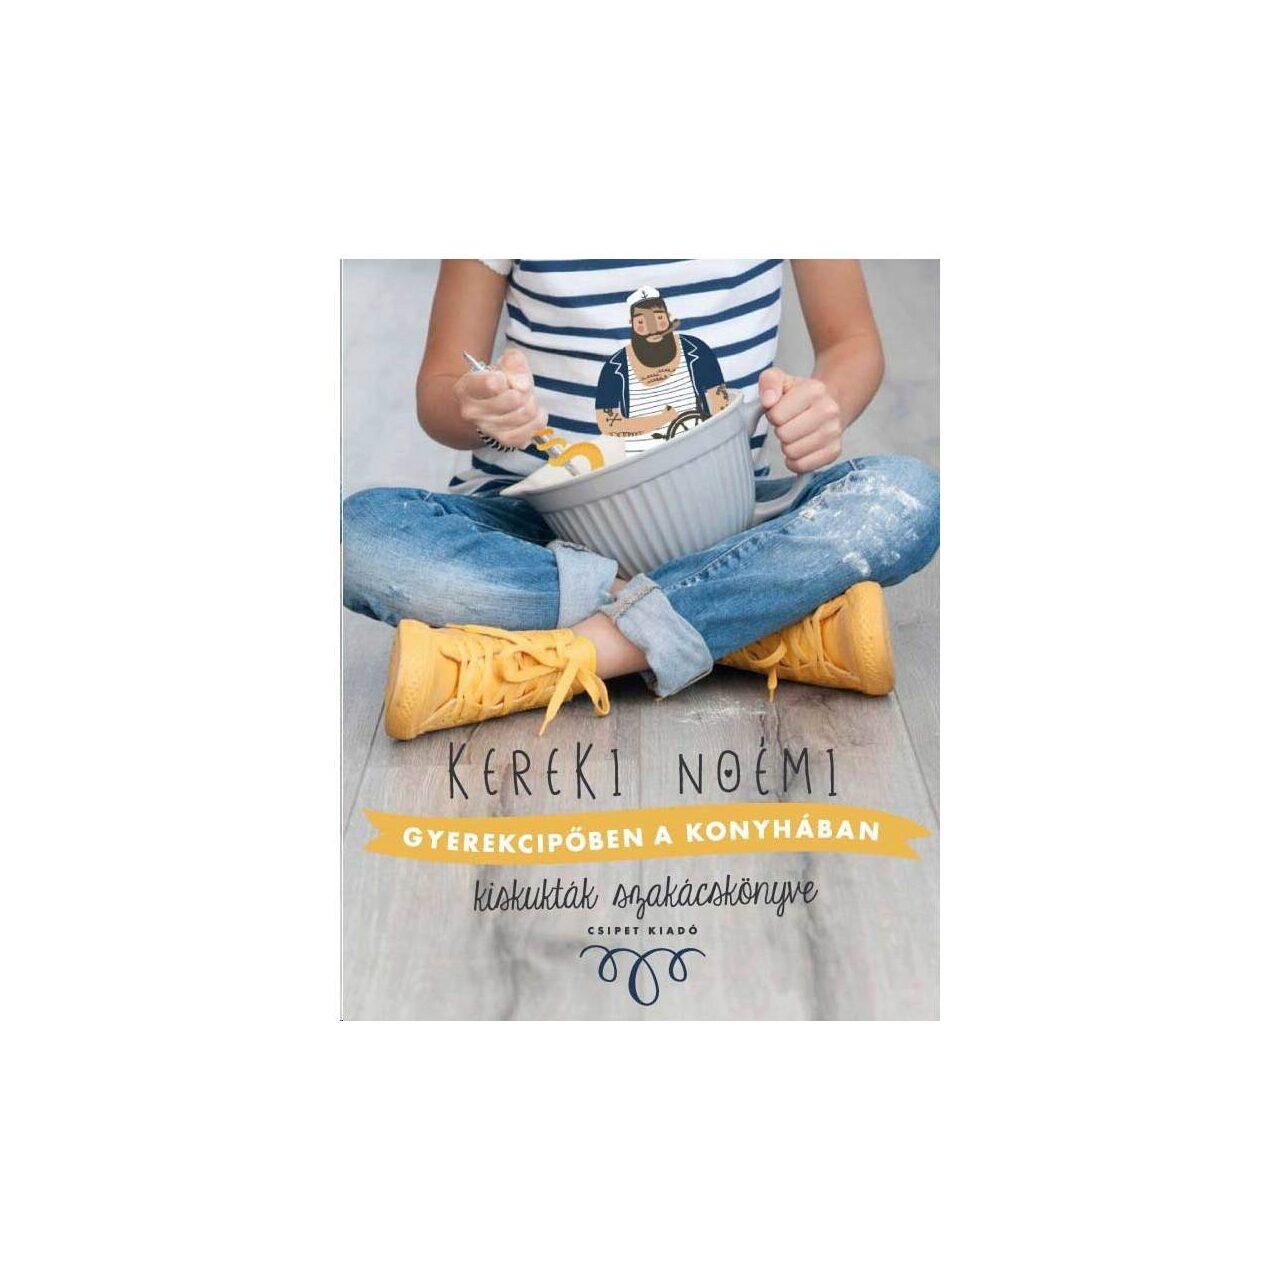 Gyerekcipőben a konyhában - Kiskukták szakácskönyve imagine edituracasa.ro